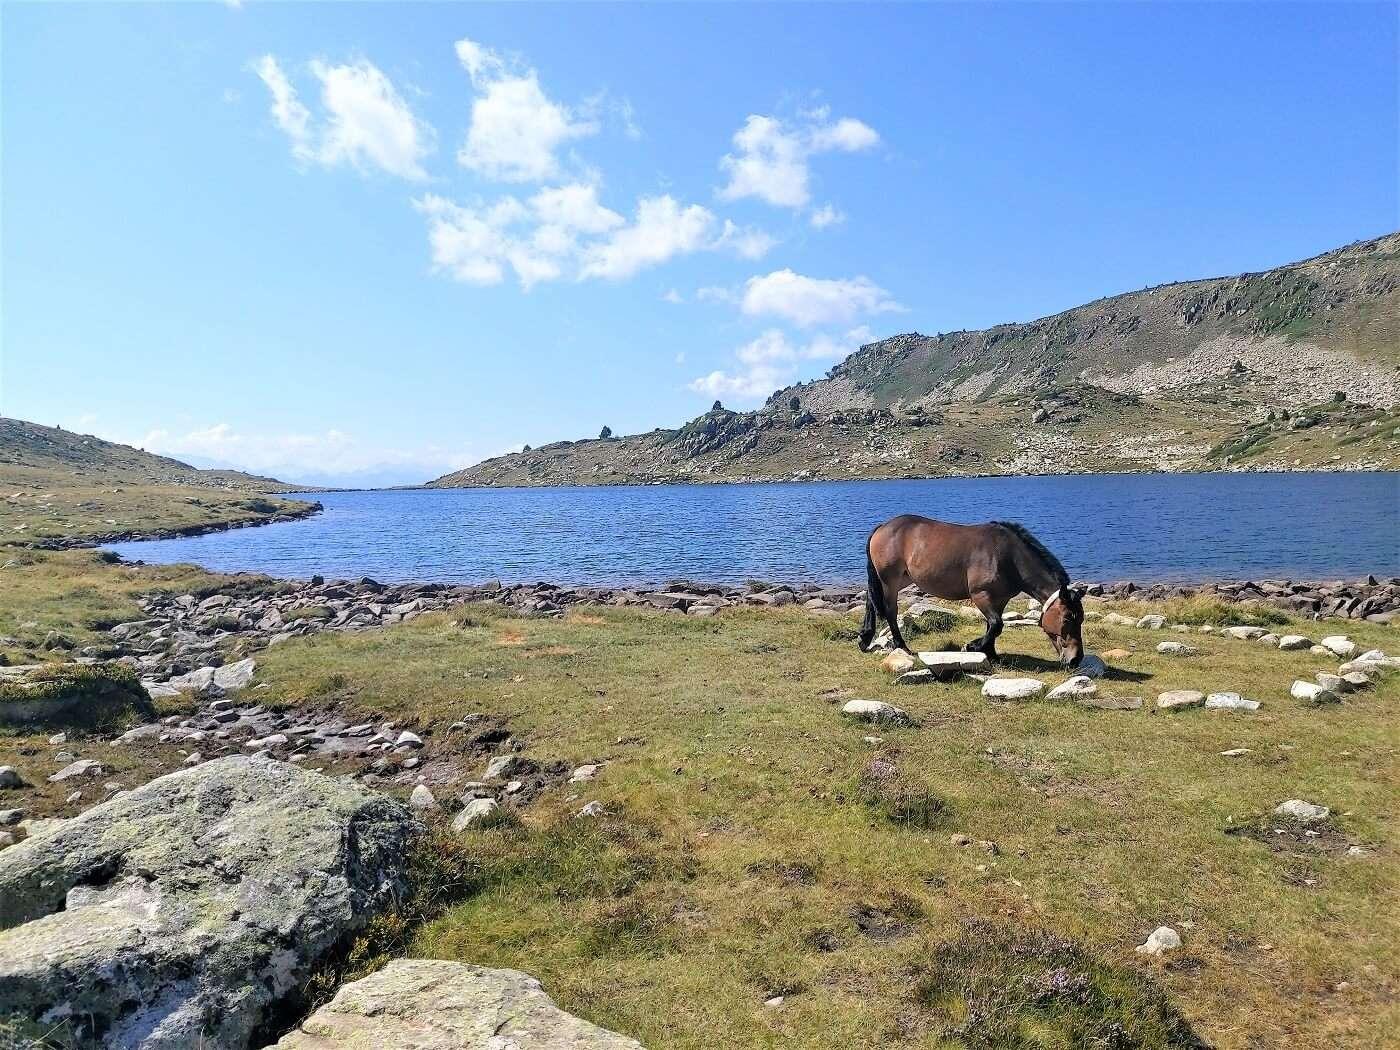 1400 APARADOR BACIVER HORSE 2021-08-26_15-18-53